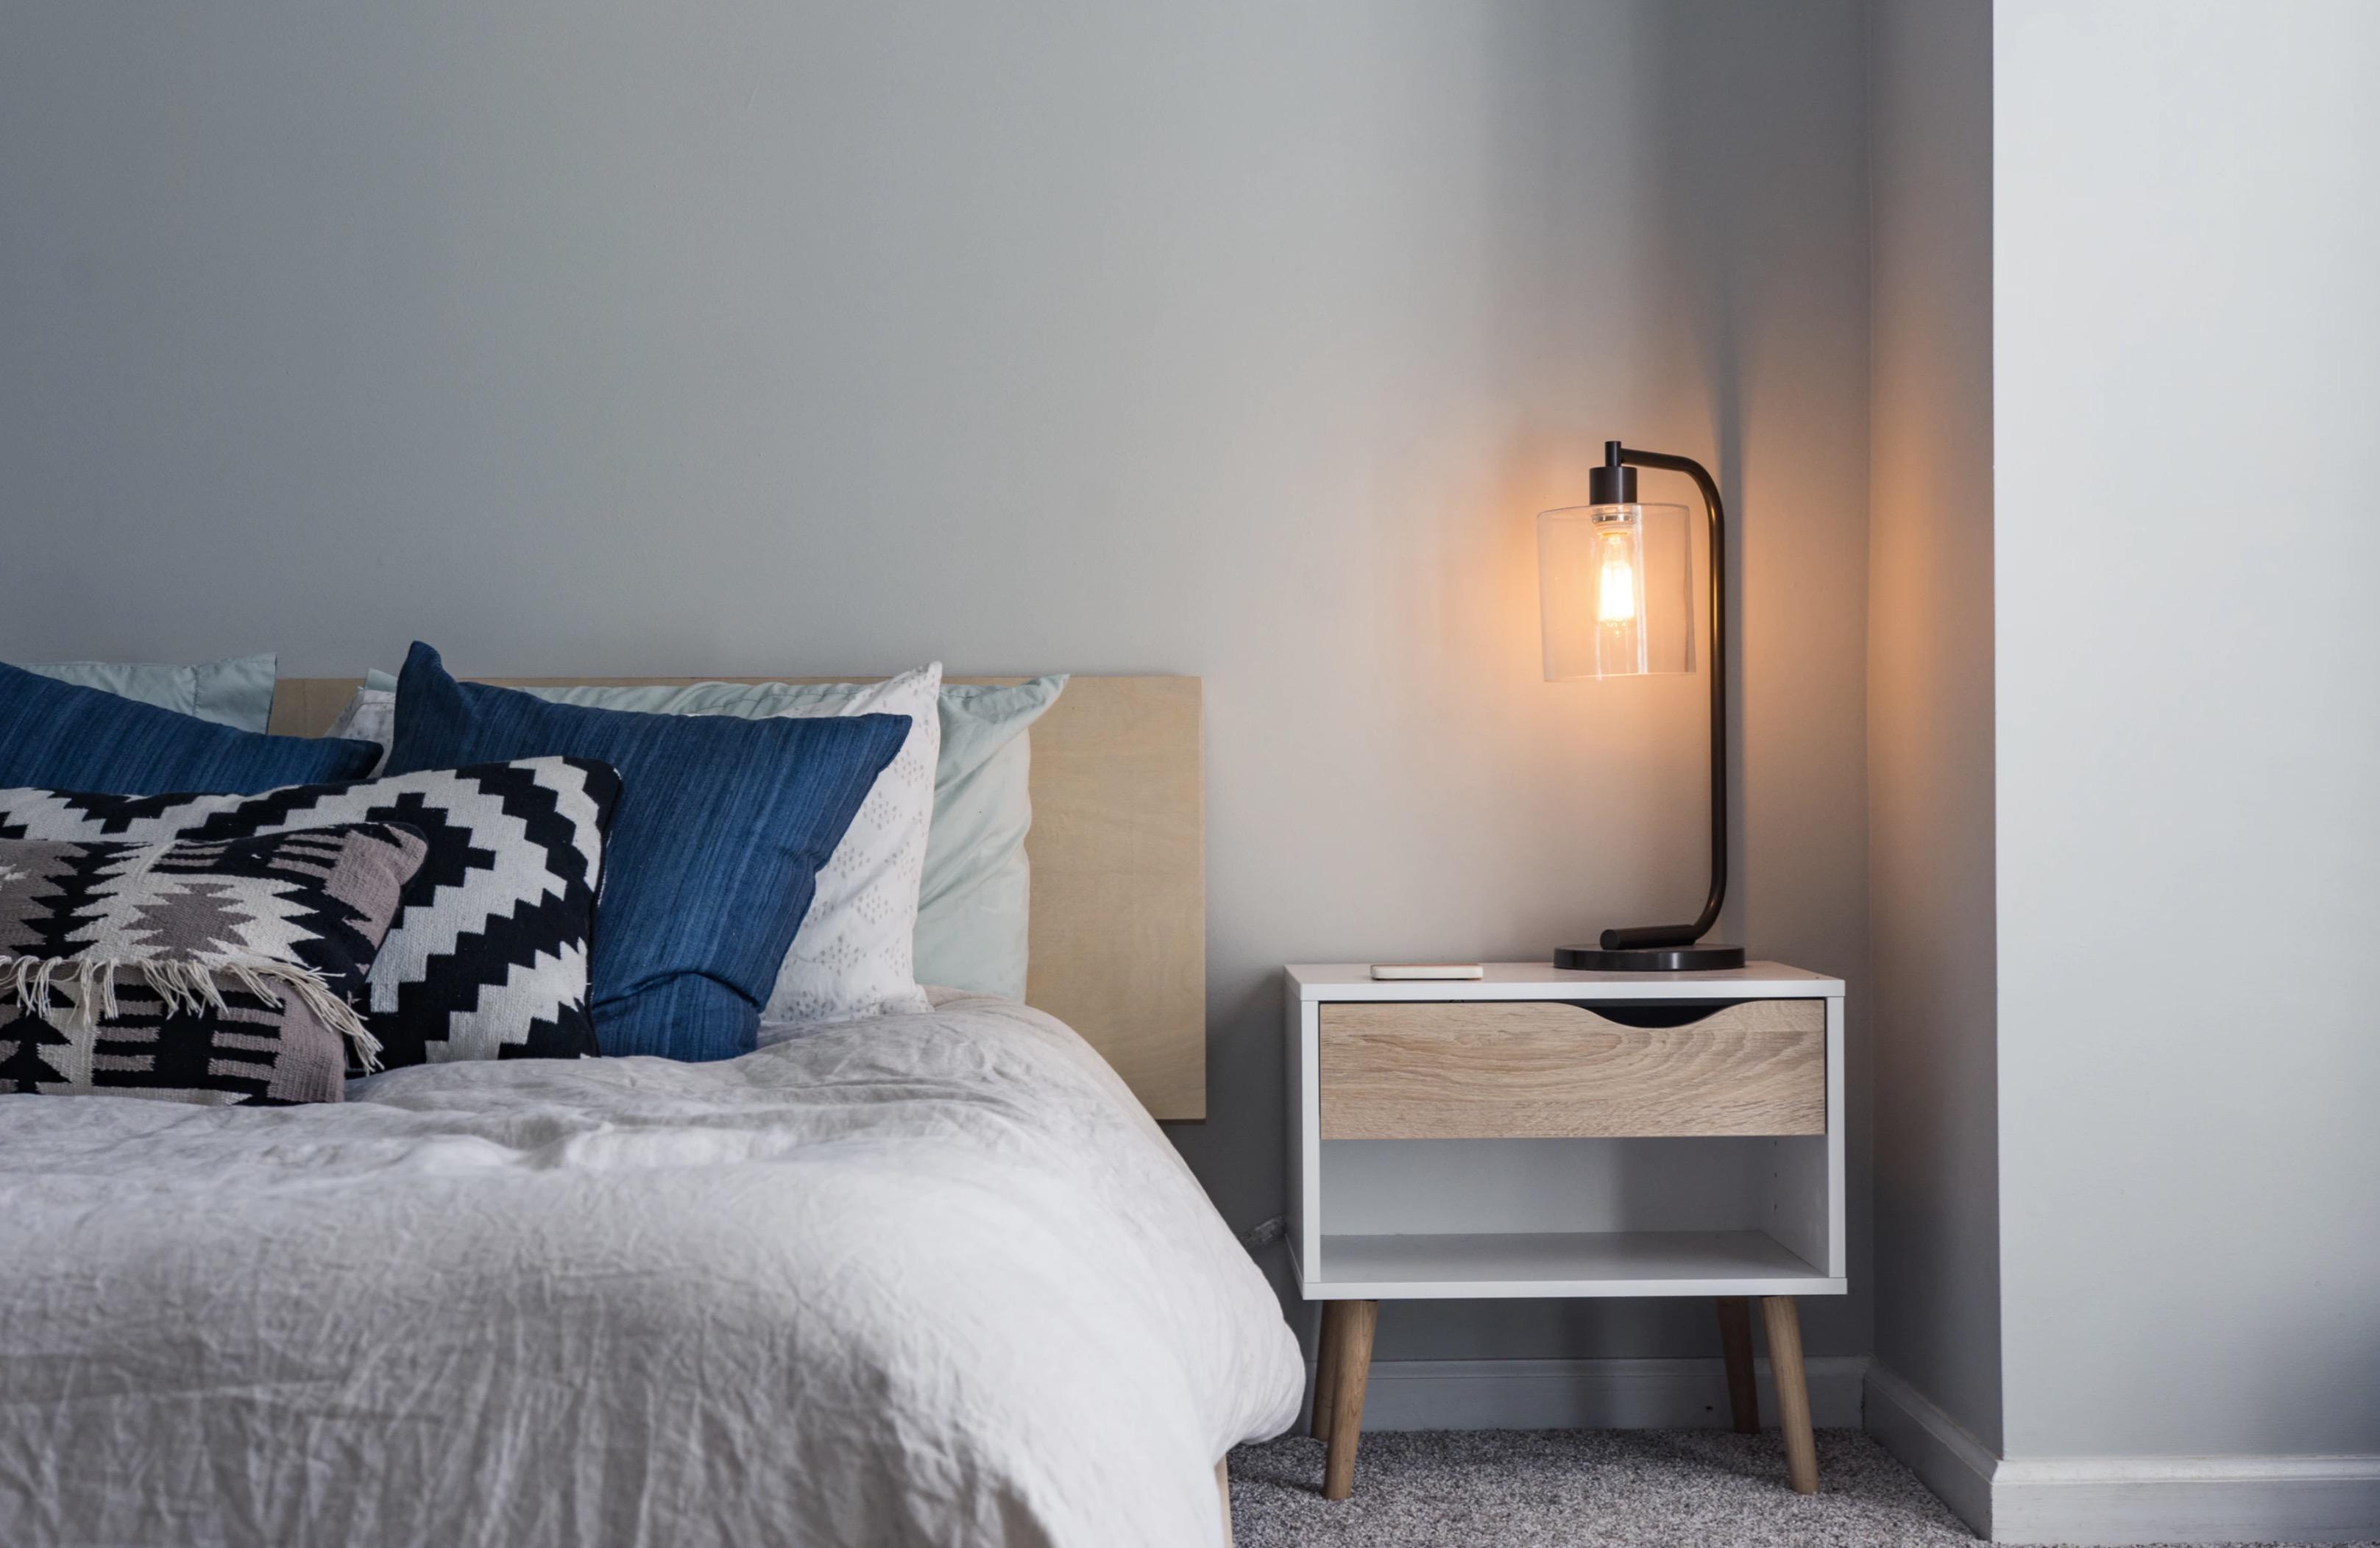 Indretning 5 Tips Til Et Minimalistisk Sovevaerelse Med Plads Til Ro Forkvinder Dk